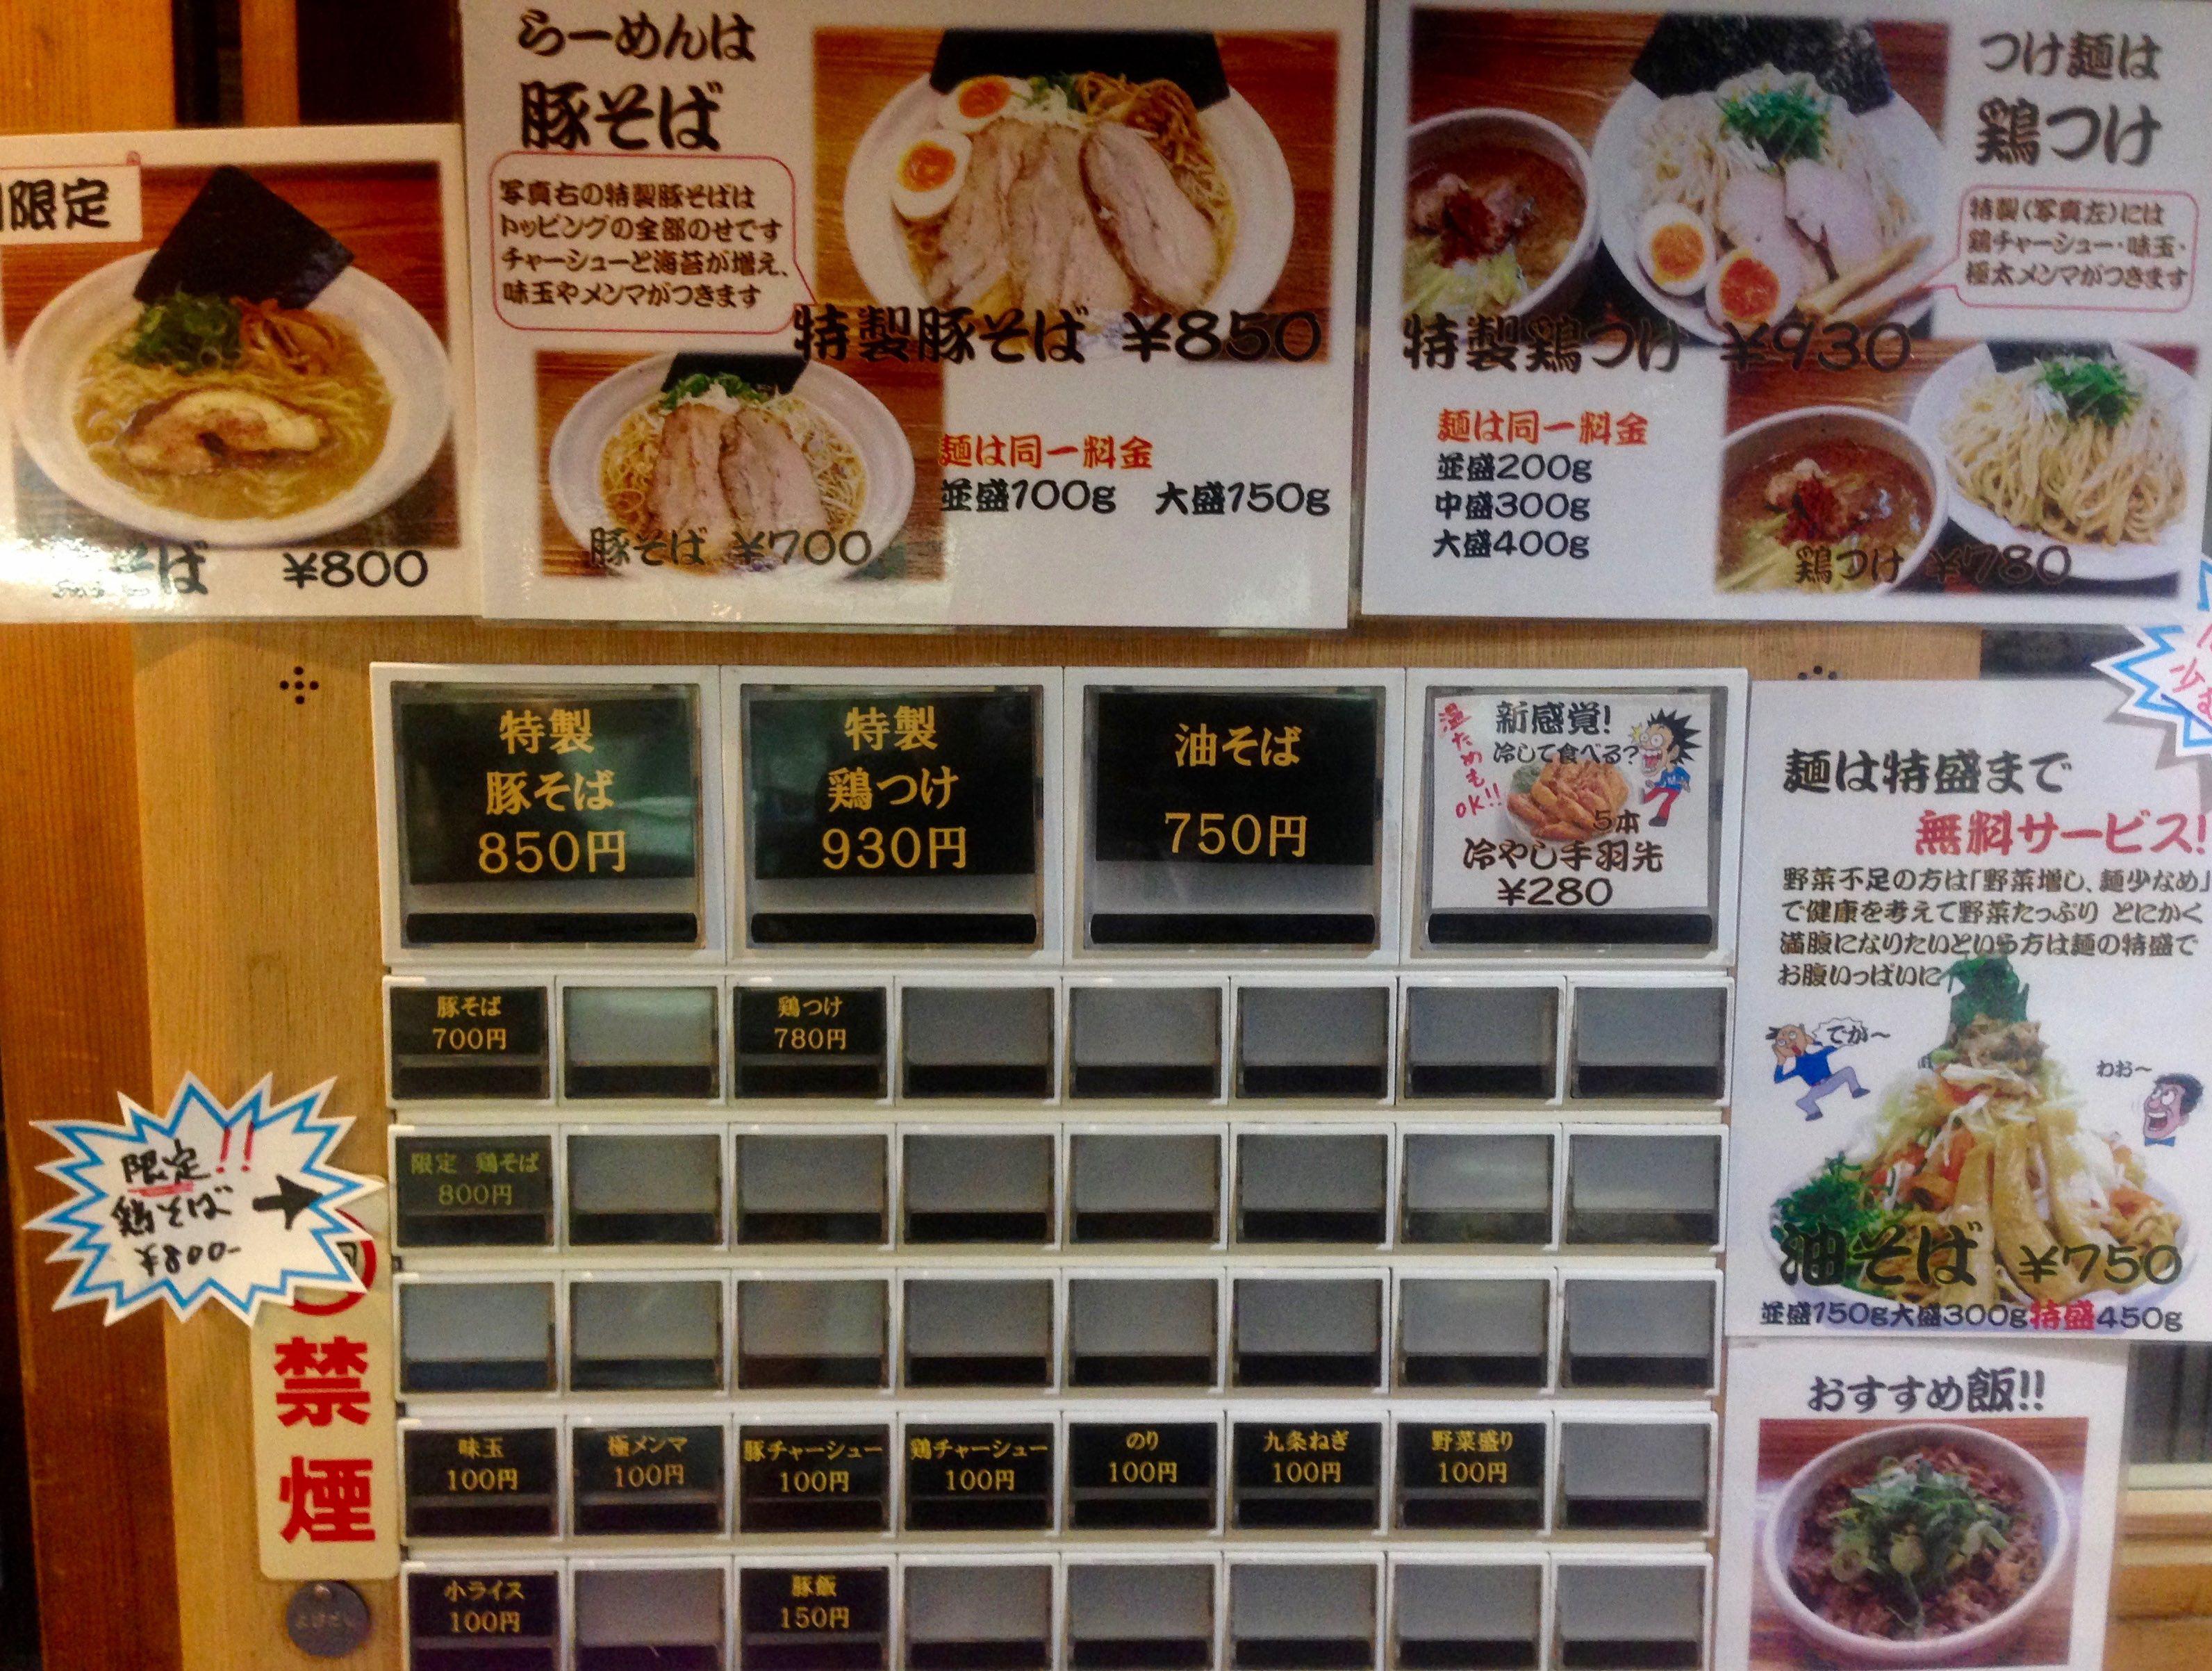 上海麺館 券売機1115